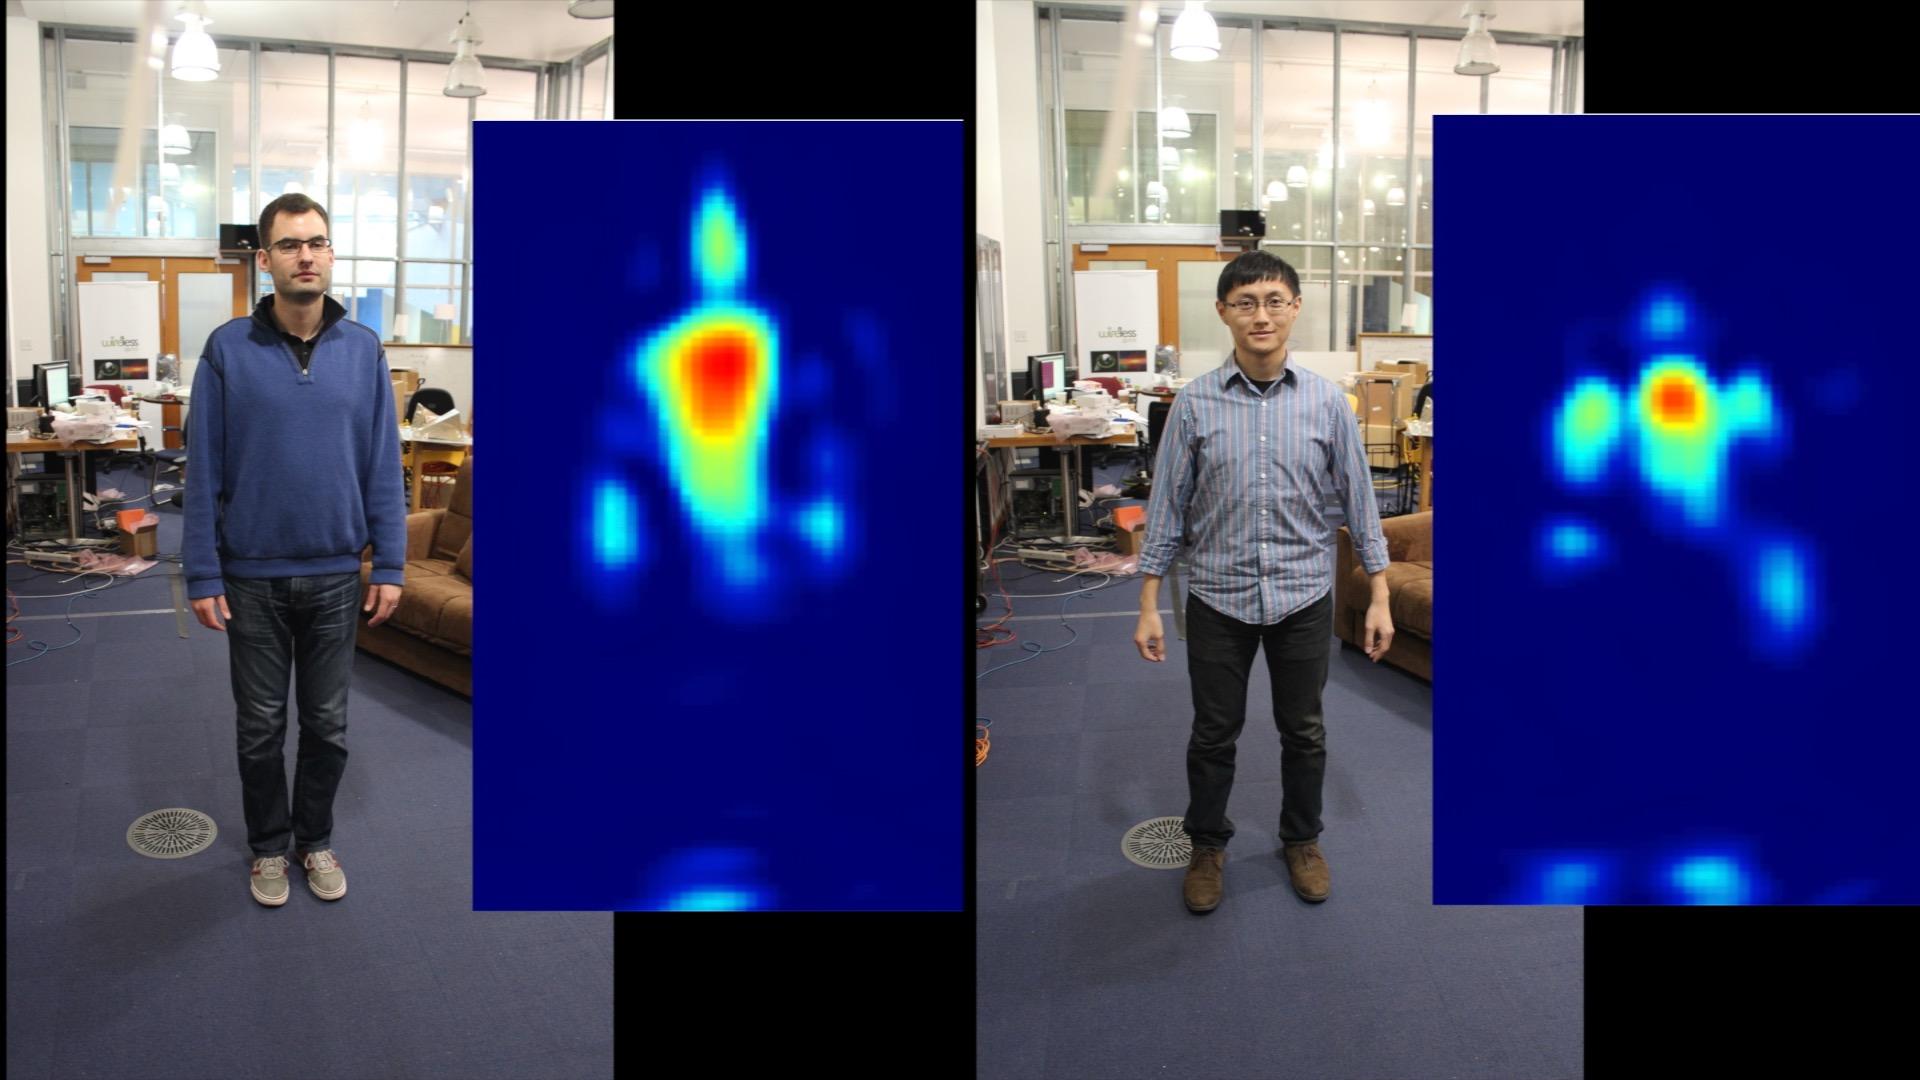 wireless-silhouette-fingerprints-mit_0